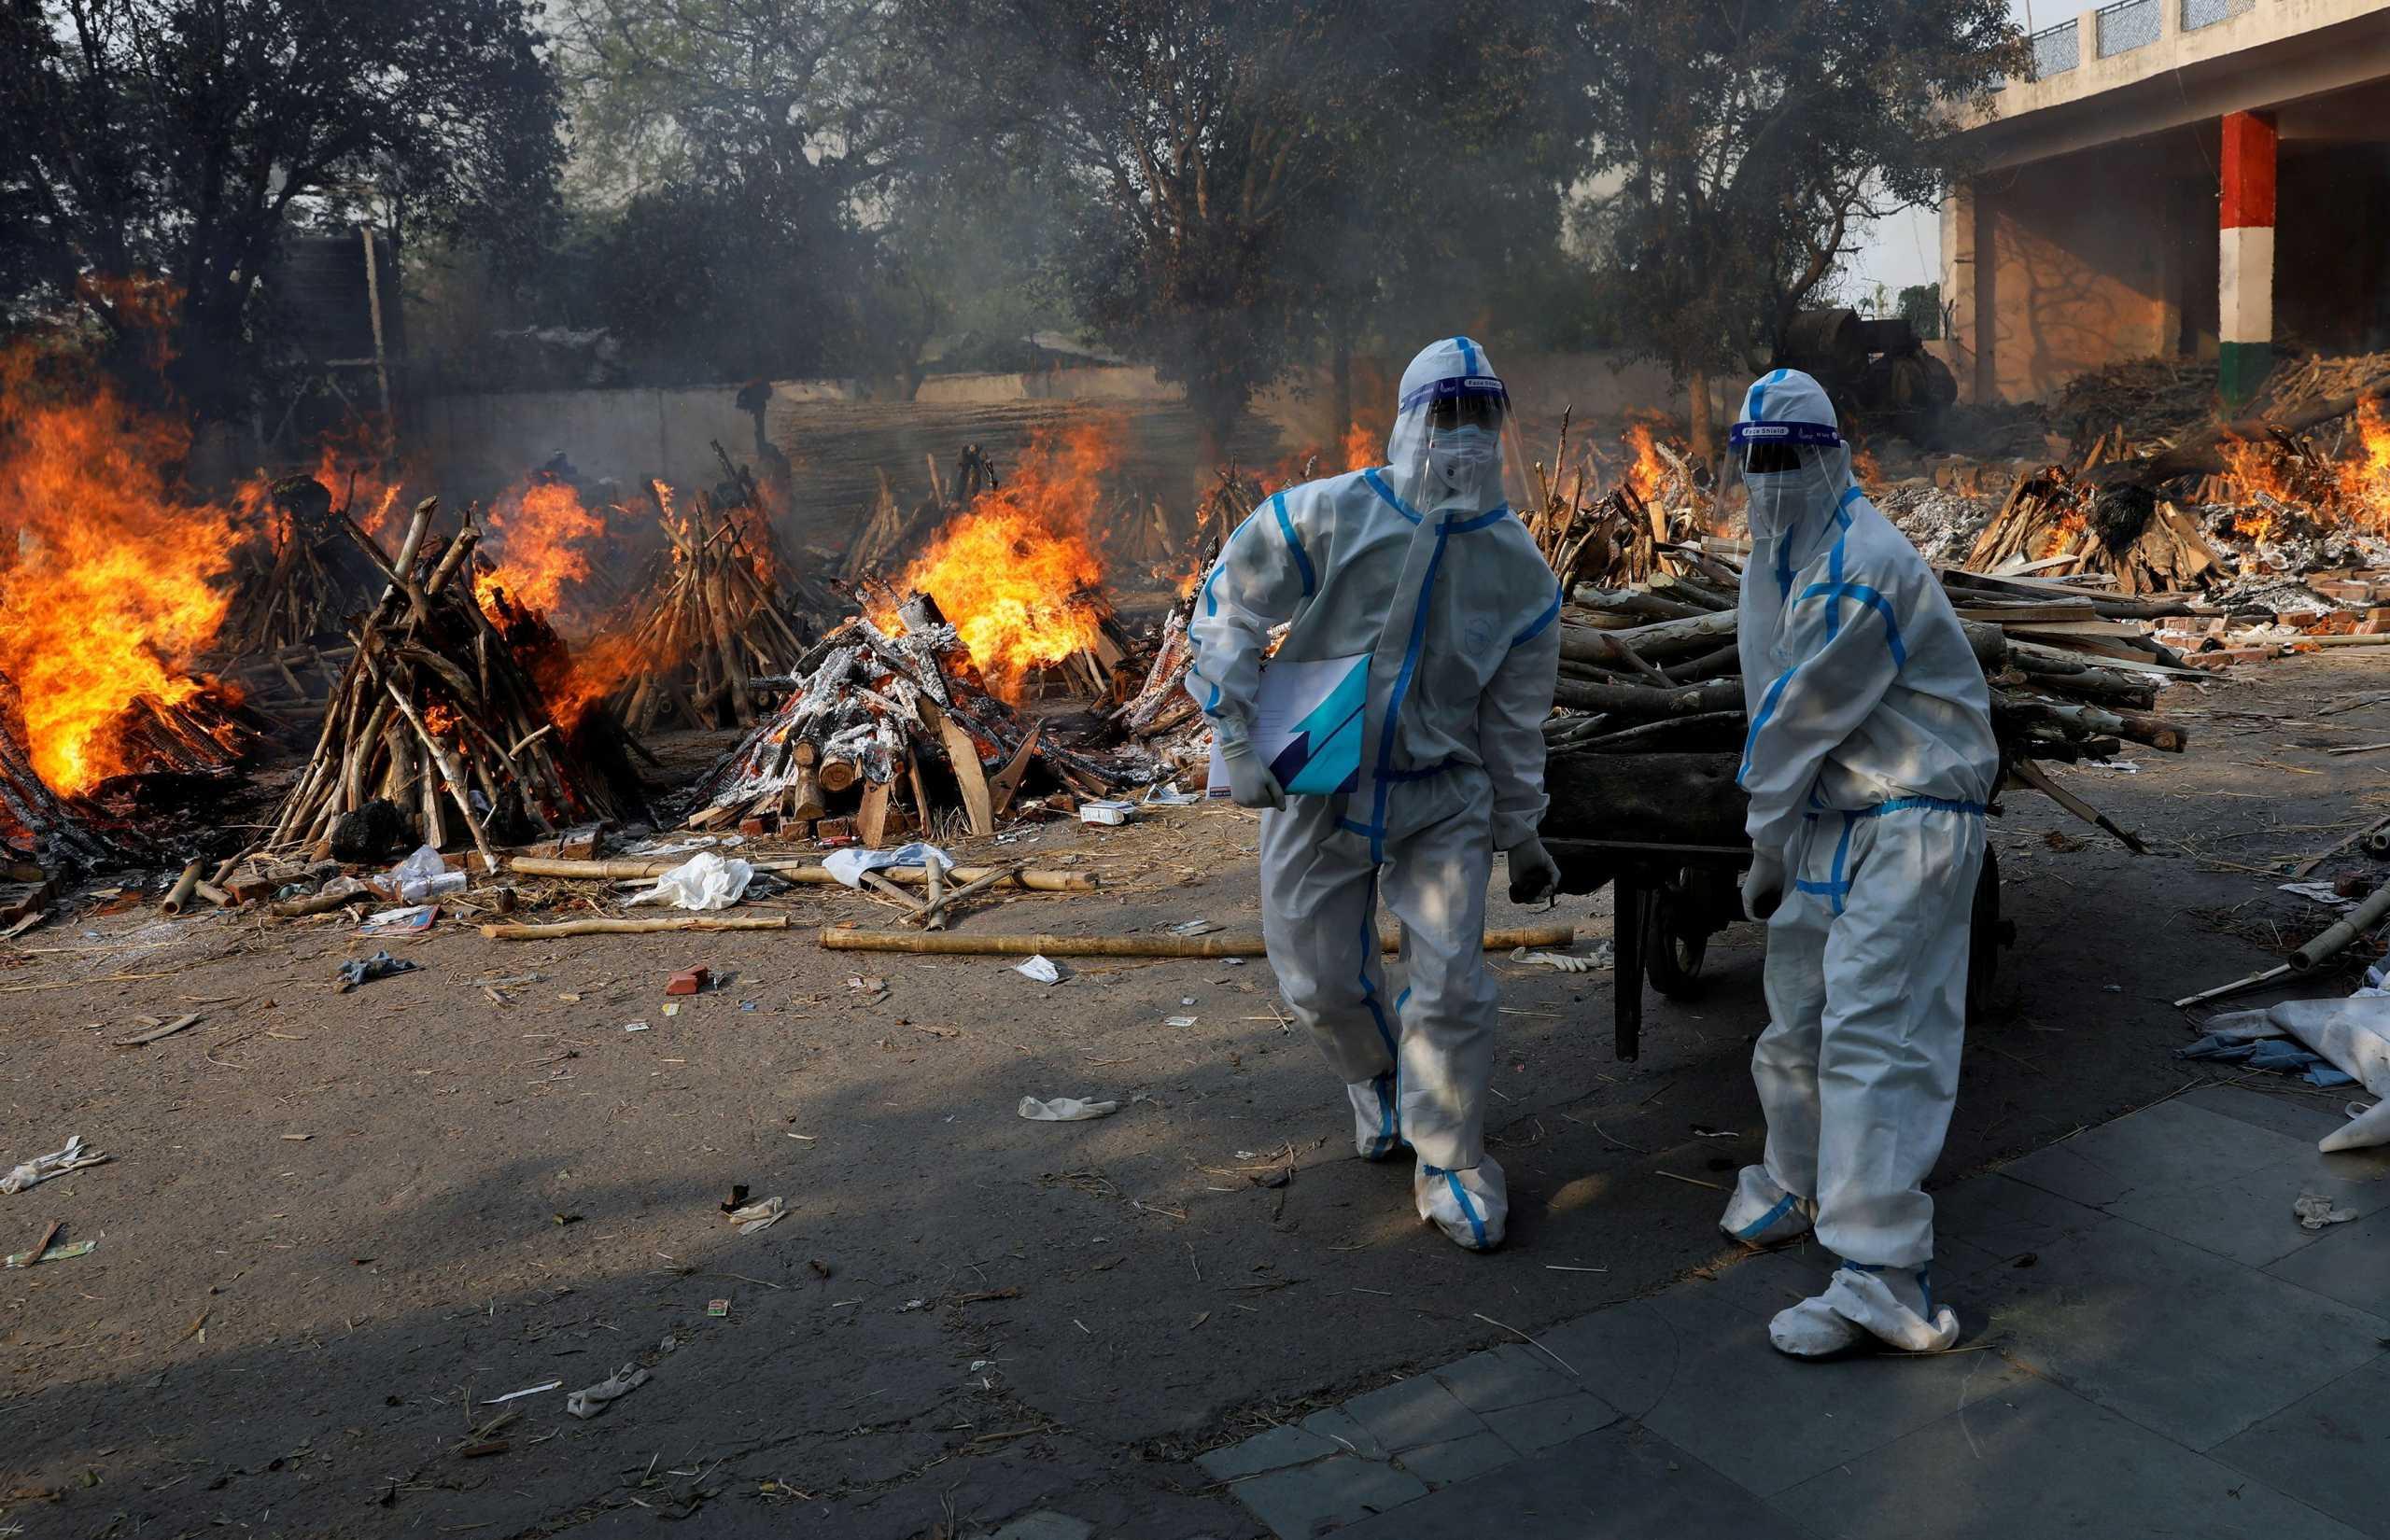 Ινδία: Ρεκόρ με 2.689 νεκρούς από κορονοϊό το τελευταίο 24ωρο – 392.488 νέα κρούσματα